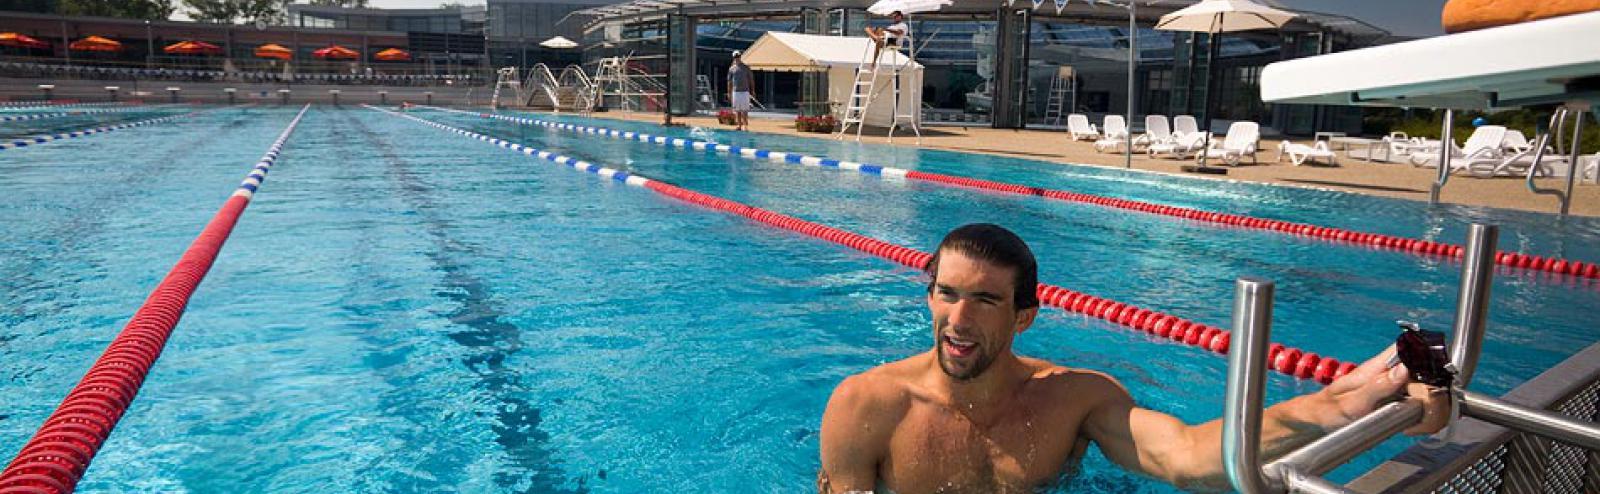 Michael Phelps - Entrainement sportif à Vichy avant les JO de Londres 2012